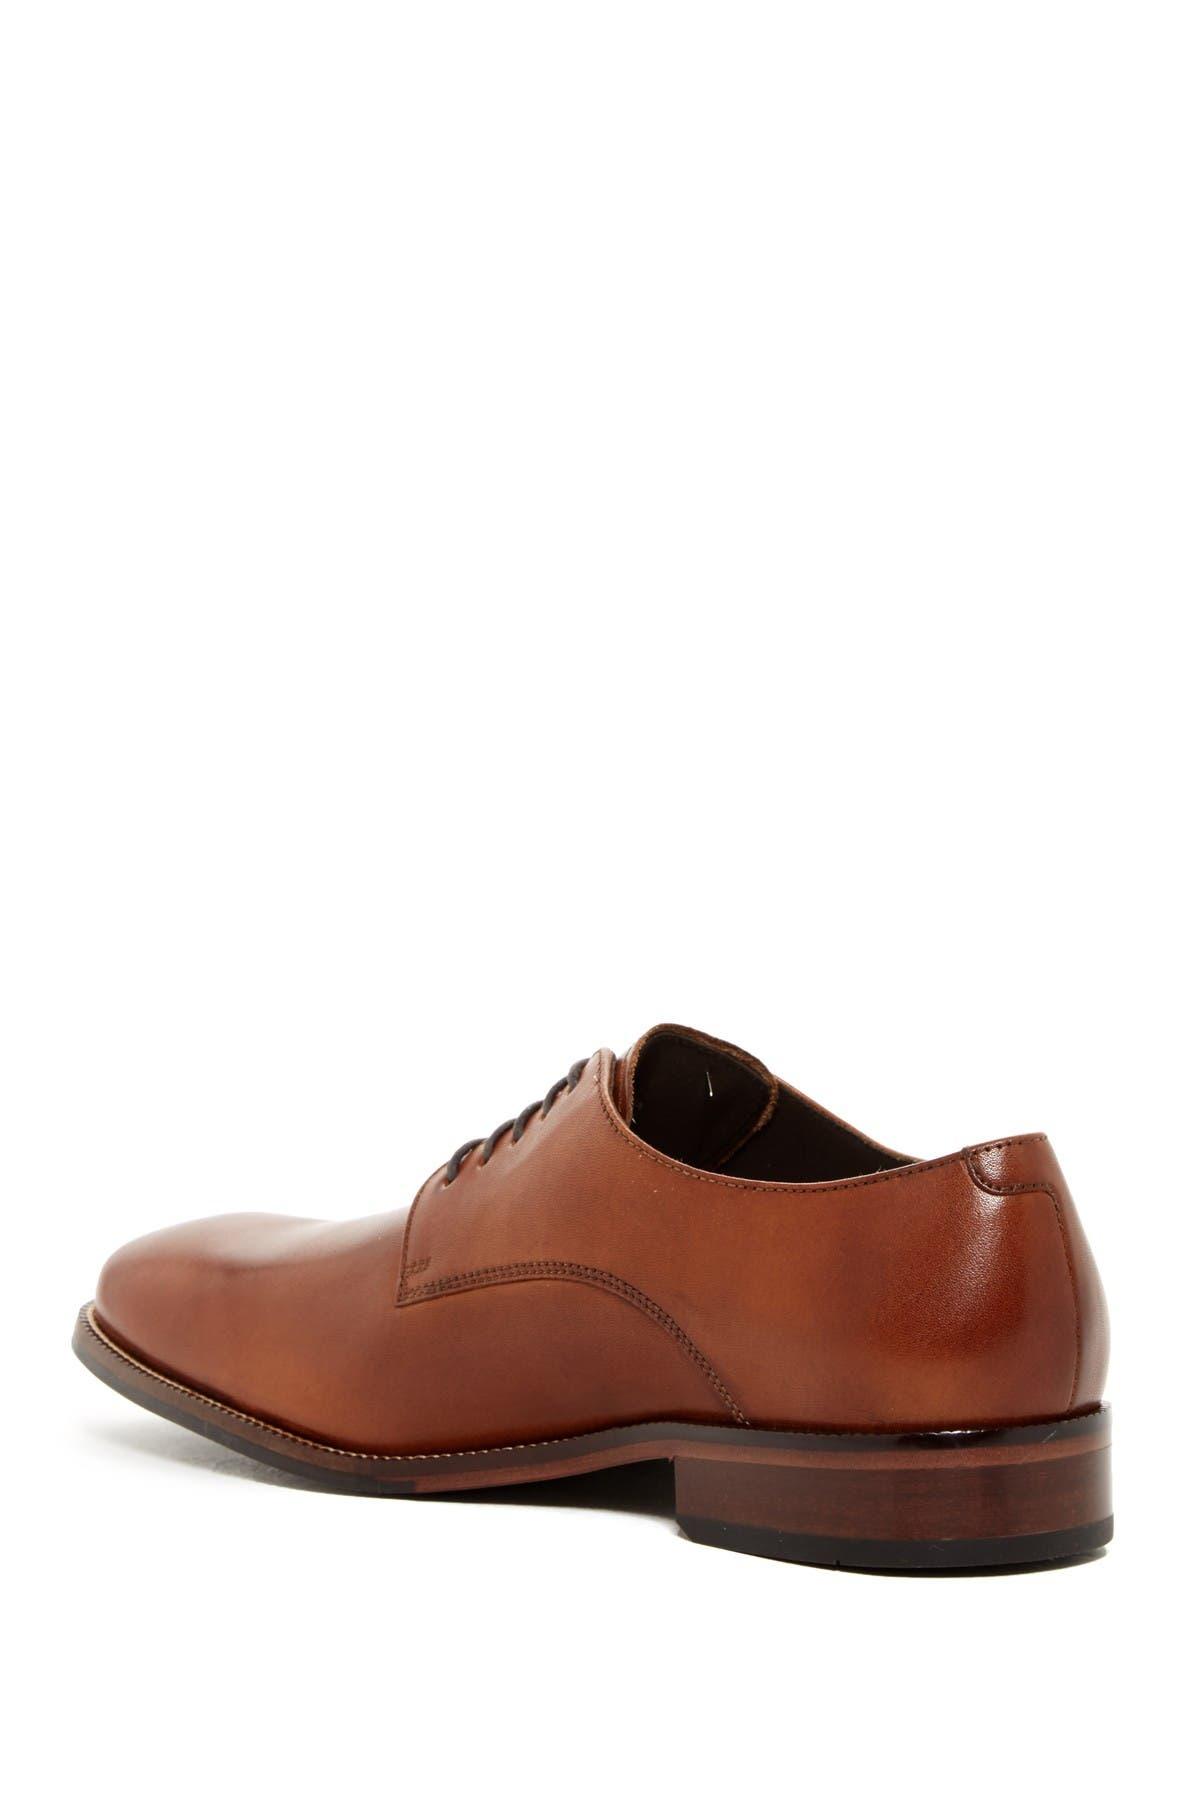 Cole Haan   Benton Plain Leather Derby